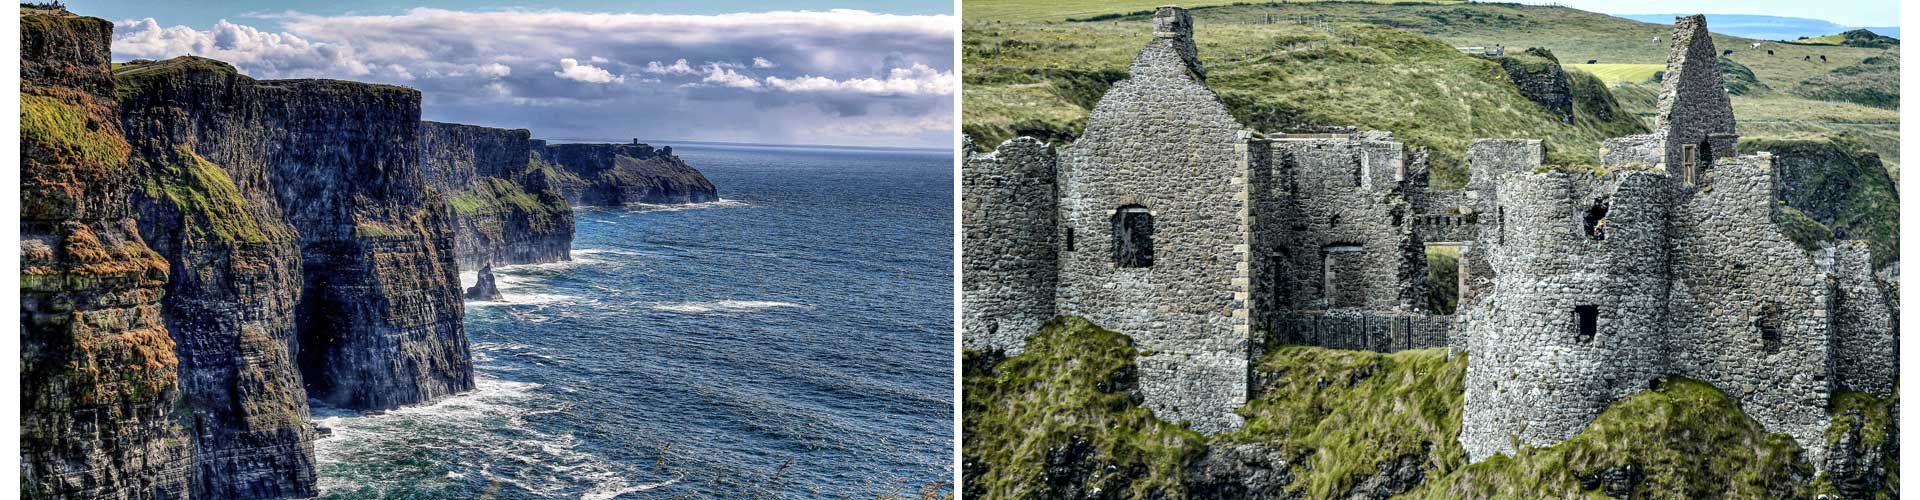 Irland Reisetagebuch Schloss Küste Mother